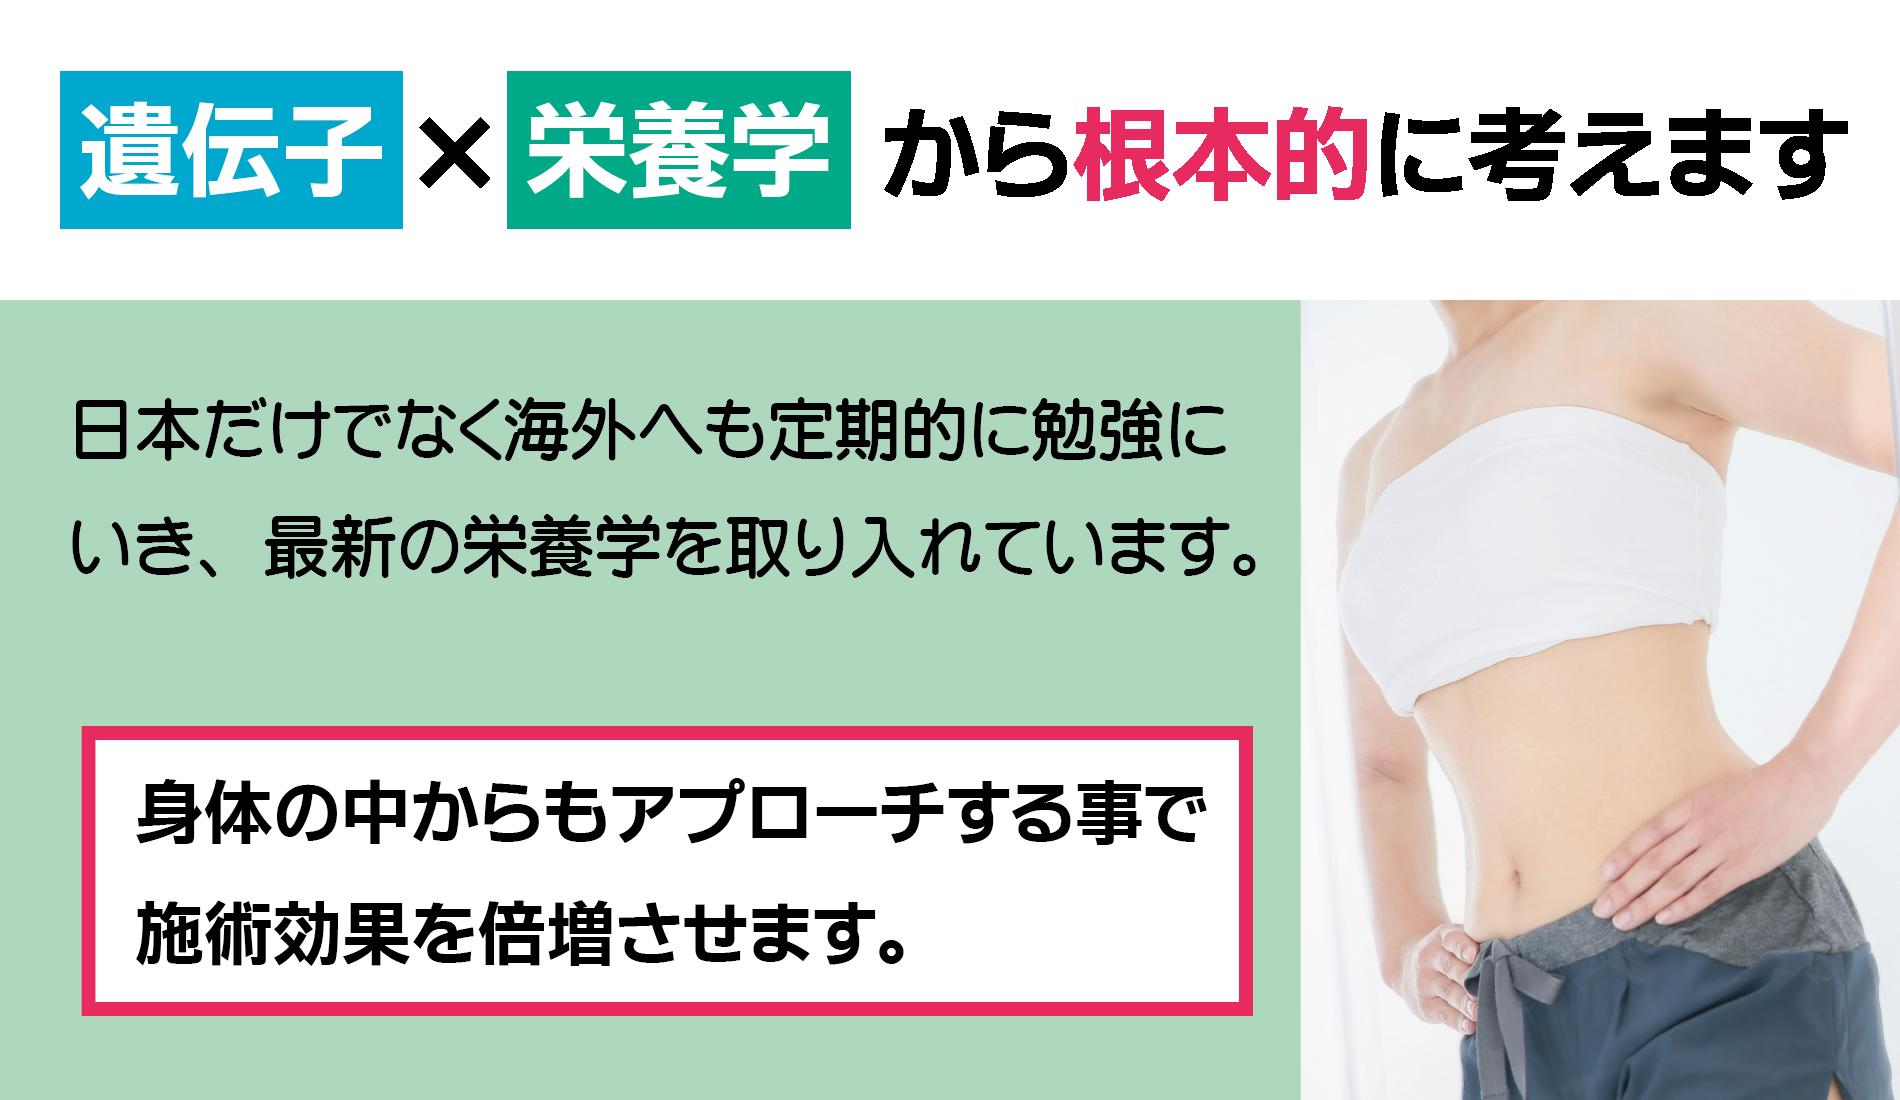 遺伝子×栄養学から根本的に考えます。日本だけでなく海外へも定期的に勉強に行き、最新の栄養学を取り入れています。身体の中からもアプローチする事で施術効果を倍増させます。管理栄養士、健康管理士が『温活デトックス』『遺伝子栄養学』『習慣改善』をテーマに30代からのホルモンバランスの悩みを改善していきます。 来るだけで癒されると噂の場所で最先端遺伝子栄養学を元にしたデトックスメニュー、ハーブ選び放題のよもぎ蒸し、漢方由来のハーブや各種遺伝子検査などを使い、貴女の体質に合わせた貴女だけのプログラムを考えていきます。 【ハーブ選び放題】よもぎ蒸し ハーブカウンセリングで貴女の体質、ストレス、冷えの状態を診断。占いより当たると評判のよもぎ蒸し 満足度120% 女性の大敵!!冷えを内臓から改善!! 身体の中から徹底的に老廃物を出す為に、胃腸と子宮を温めて、施術効果を最大限に引き上げます。 よもぎ蒸しだけで通う方もOKです。 平均3回でマイナス1サイズ⁈ なんと、美造に通われて間もない方の平均サイズは3回でウェストやヒップは-3センチ。 太ももや二の腕は平均1.5センチ減 この日に合わせて3㎏痩せたい!など目標に合わせてメニューを設定できます。 遺伝子×栄養学から根本的に考えます 日本だけでなく海外へも定期的に勉強にいき、最新の栄養学を取り入れています。 身体の中からもアプローチする事で施術効果を倍増させます。 おすすめのメニュー 美脚造形・くびれ造形エステ 脚のむくみ、お腹周りが気になる方に ホルモンバランスプログラム 妊活・更年期や子宮の悩みが気になる方に 血流エステ 代謝改善したい方に…